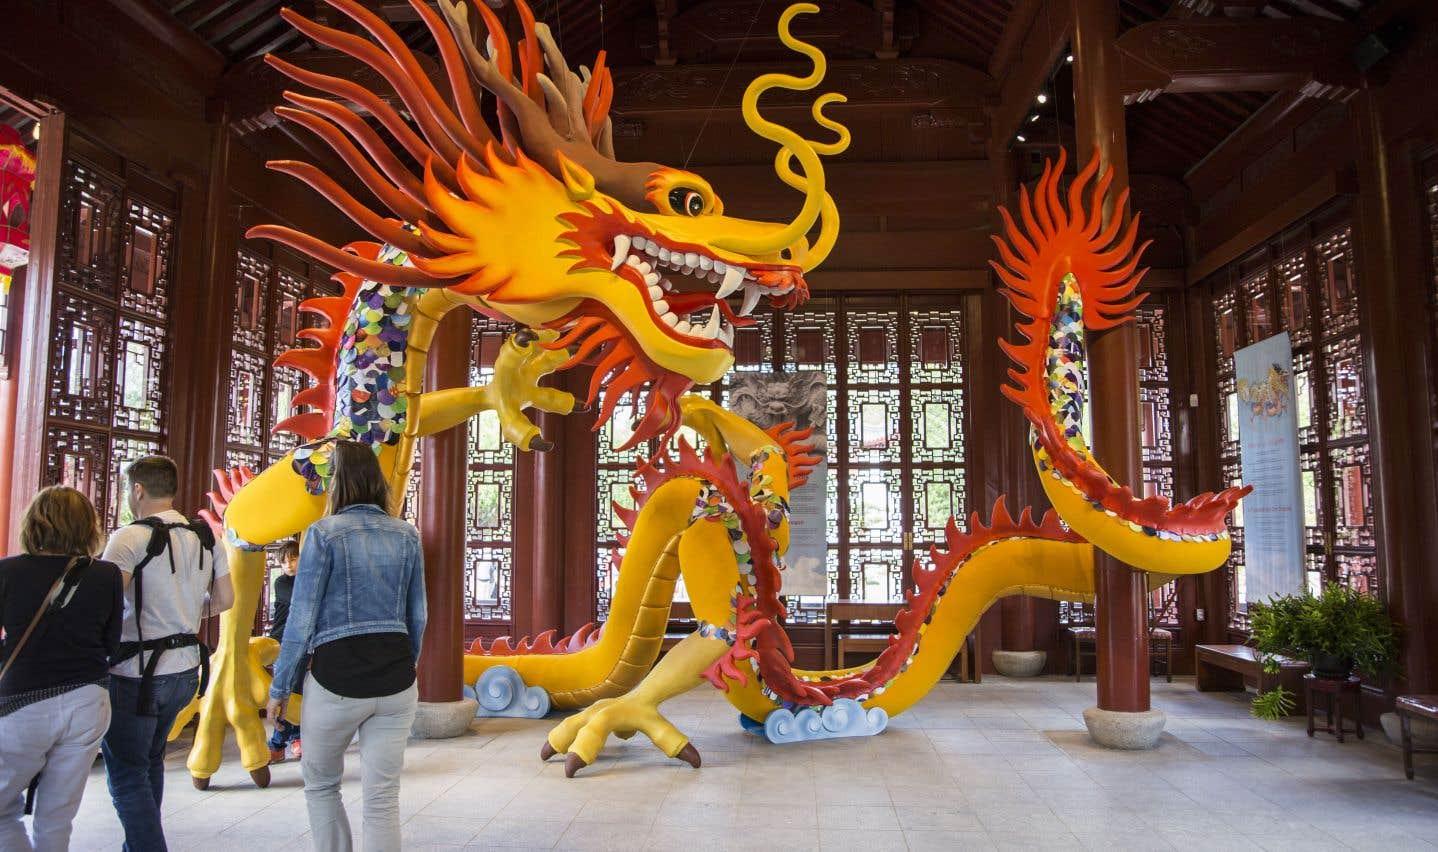 On parle souvent du Nouvel An chinois, mais puisque plusieurs autres peuples d'Asie célèbrent aussi cette fête — les Vietnamiens l'appellent le Têt; les Coréens, Seolnal —, il vaut mieux dire Nouvel An lunaire. Ou Fête du printemps.